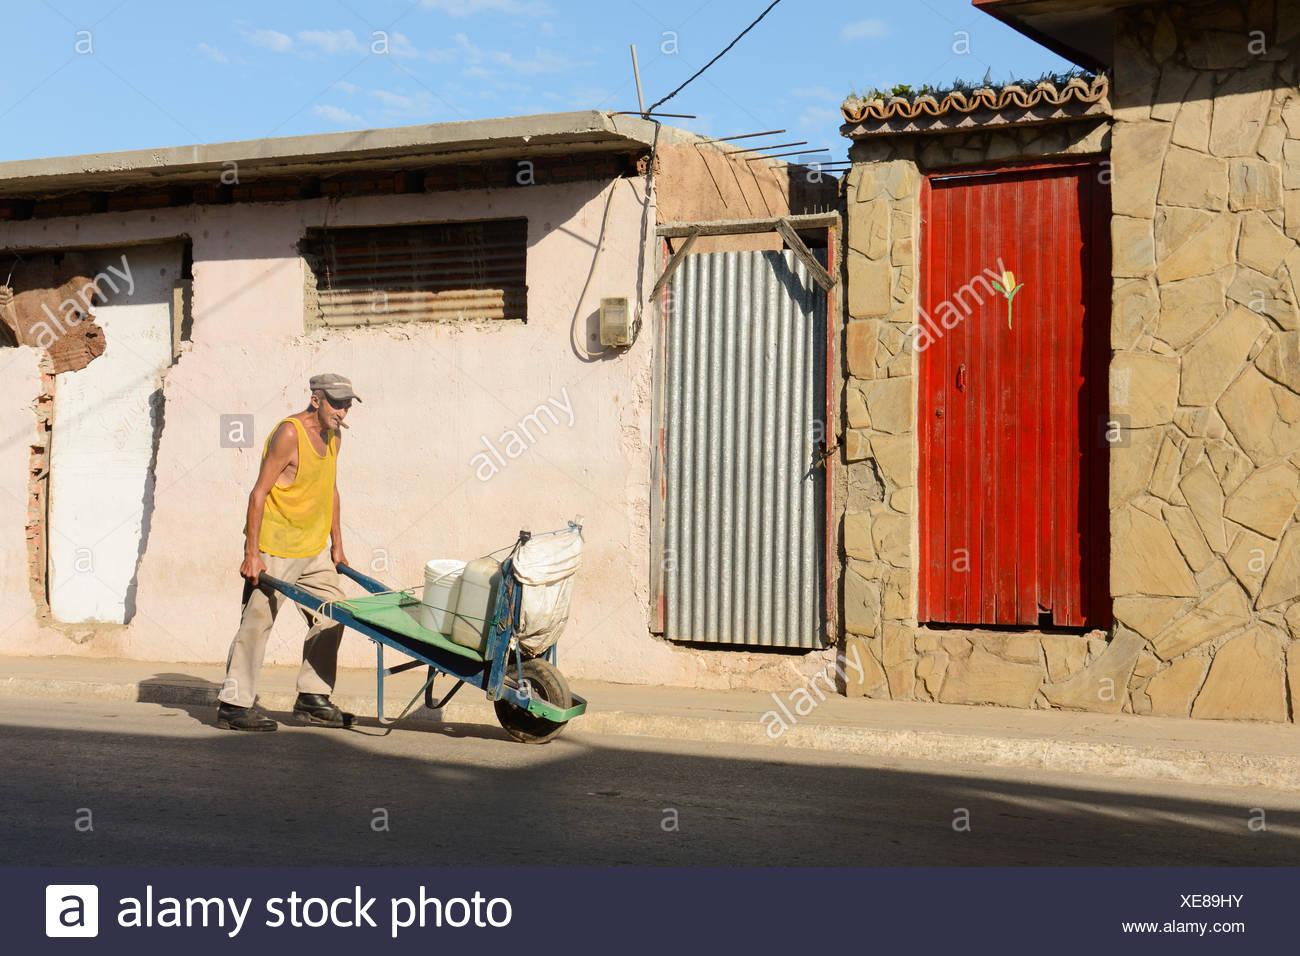 Homme pousse brouette, Trinidad, Cuba Banque D'Images